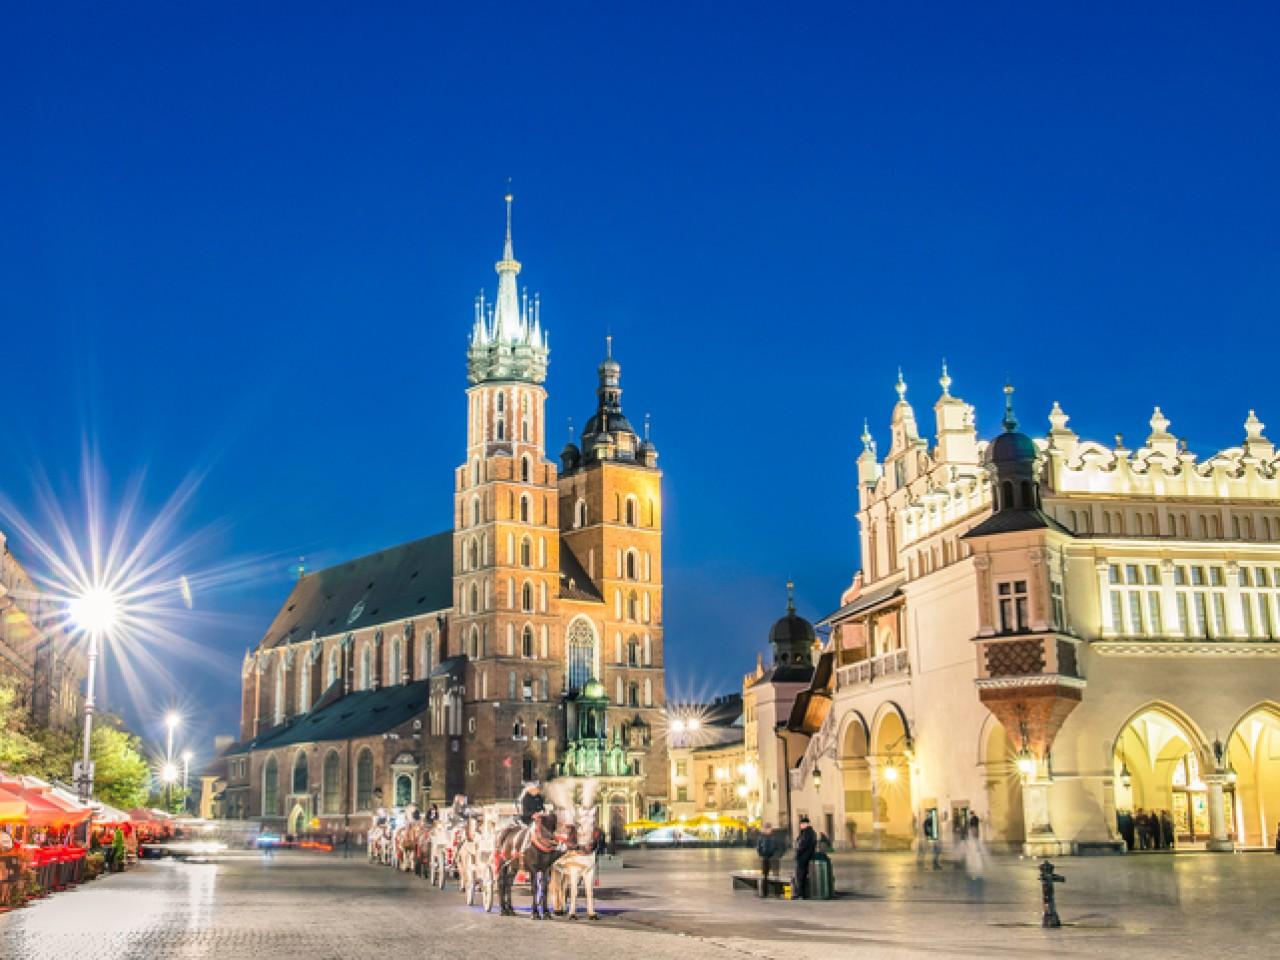 Krakow Christmas Markets: departing 02 December 2019